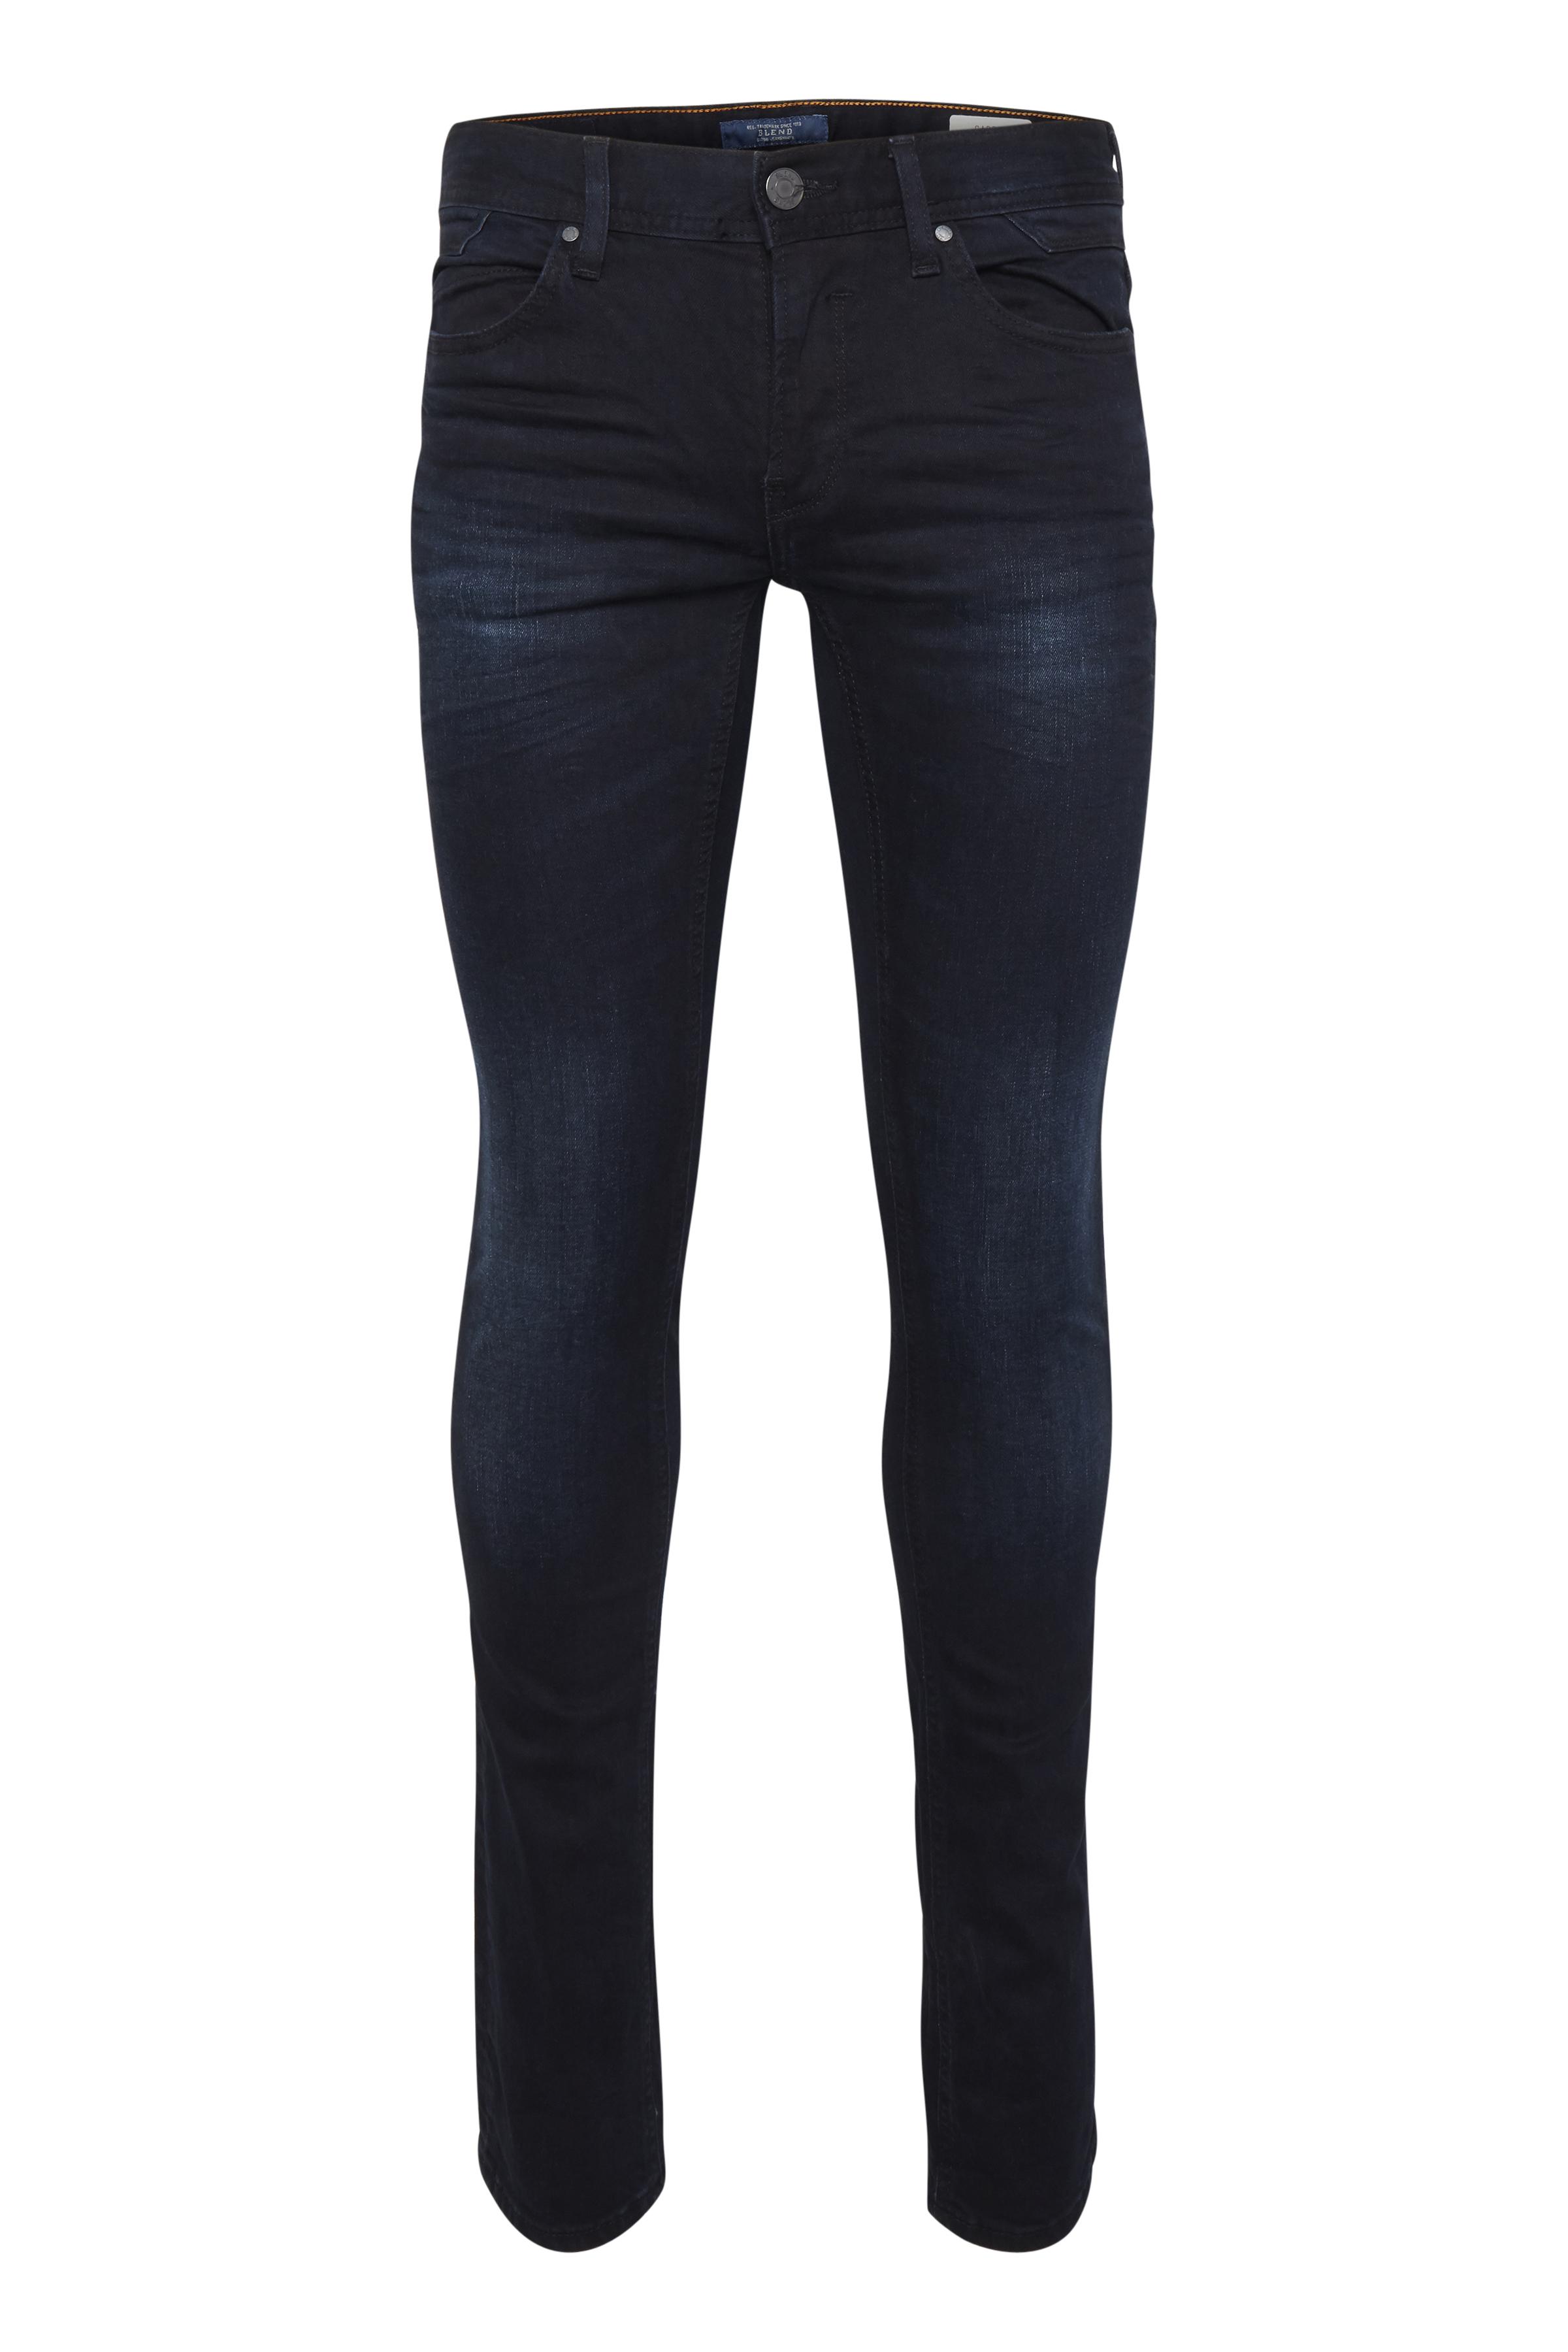 Black/Blue Cirrus jeans – Køb Black/Blue Cirrus jeans fra str. 28-38 her